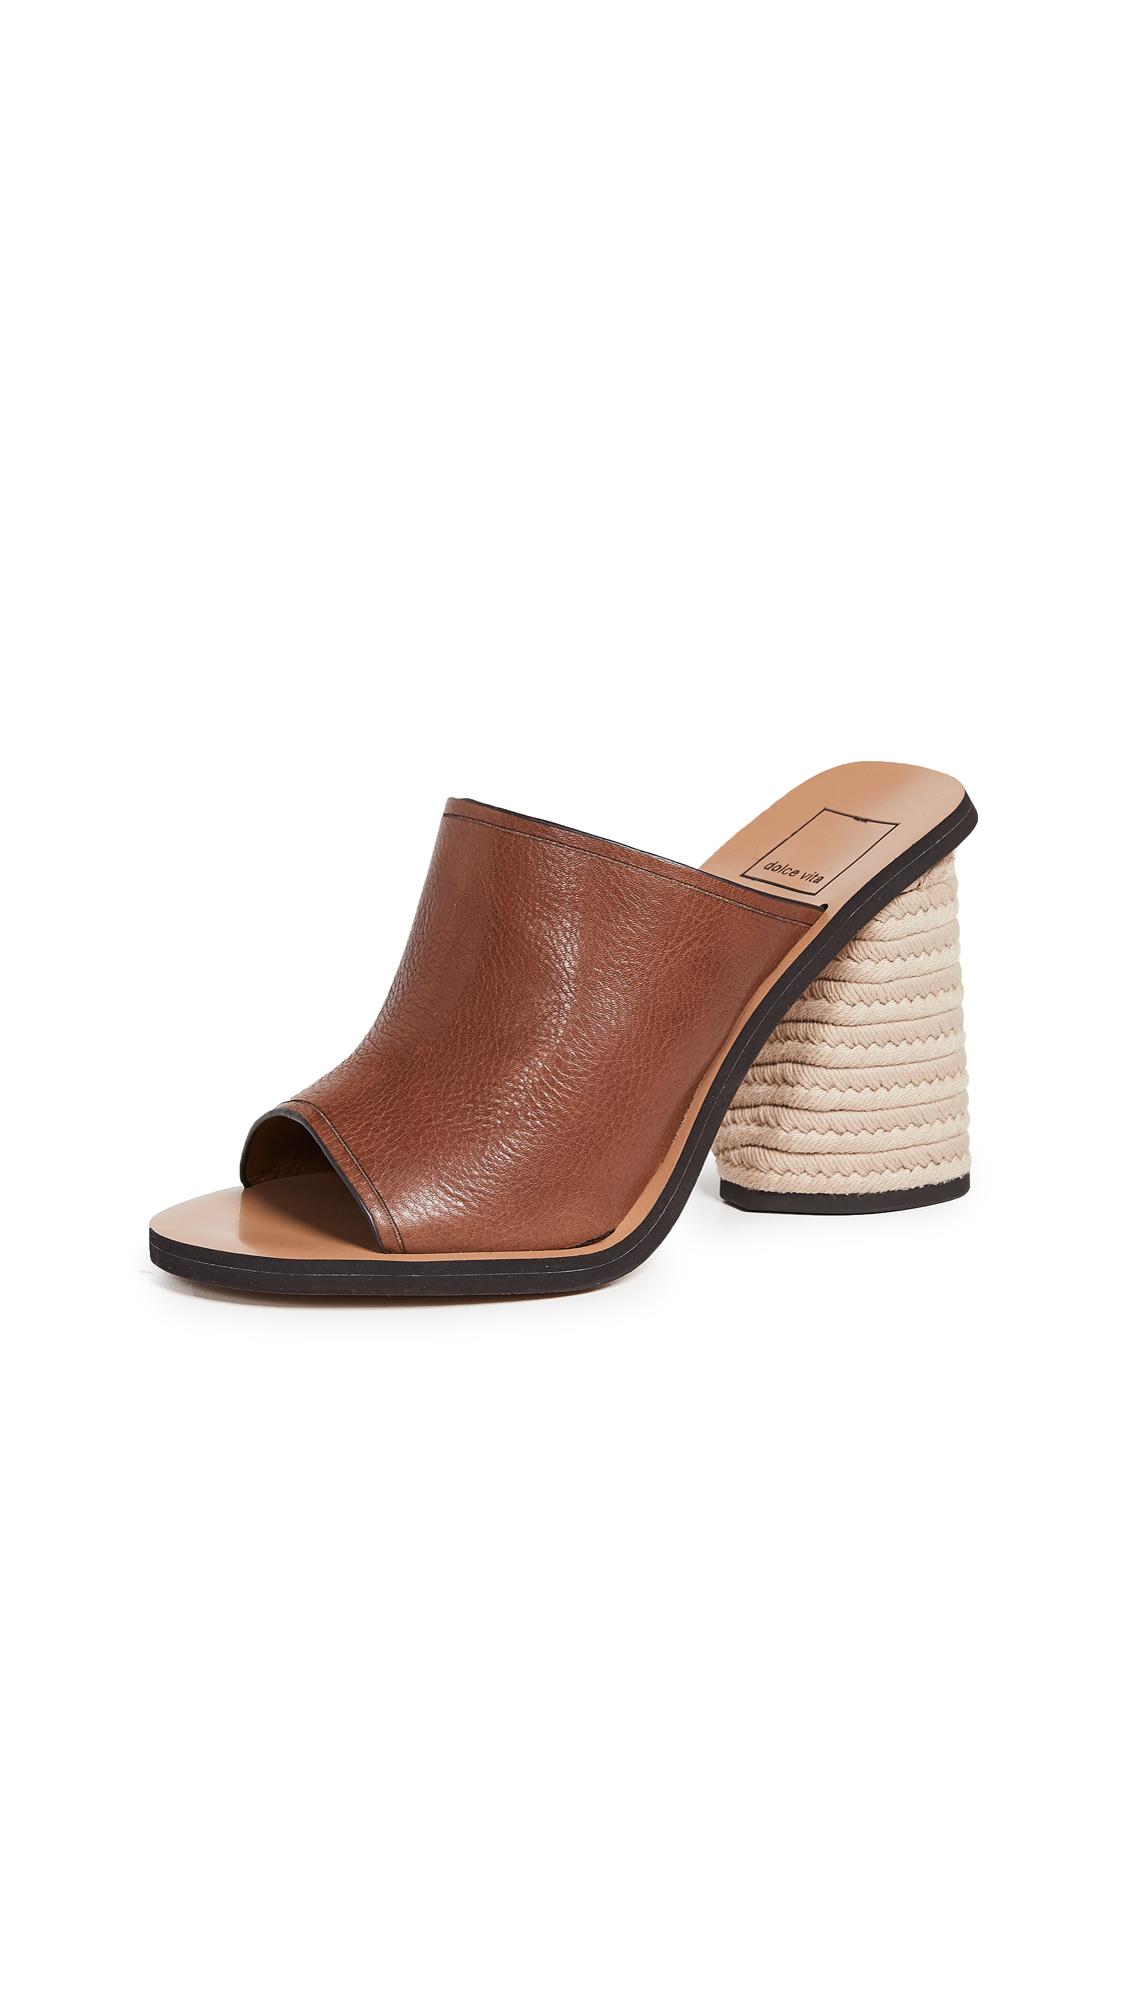 Dolce Vita Alba Block Heel Mules - Brown